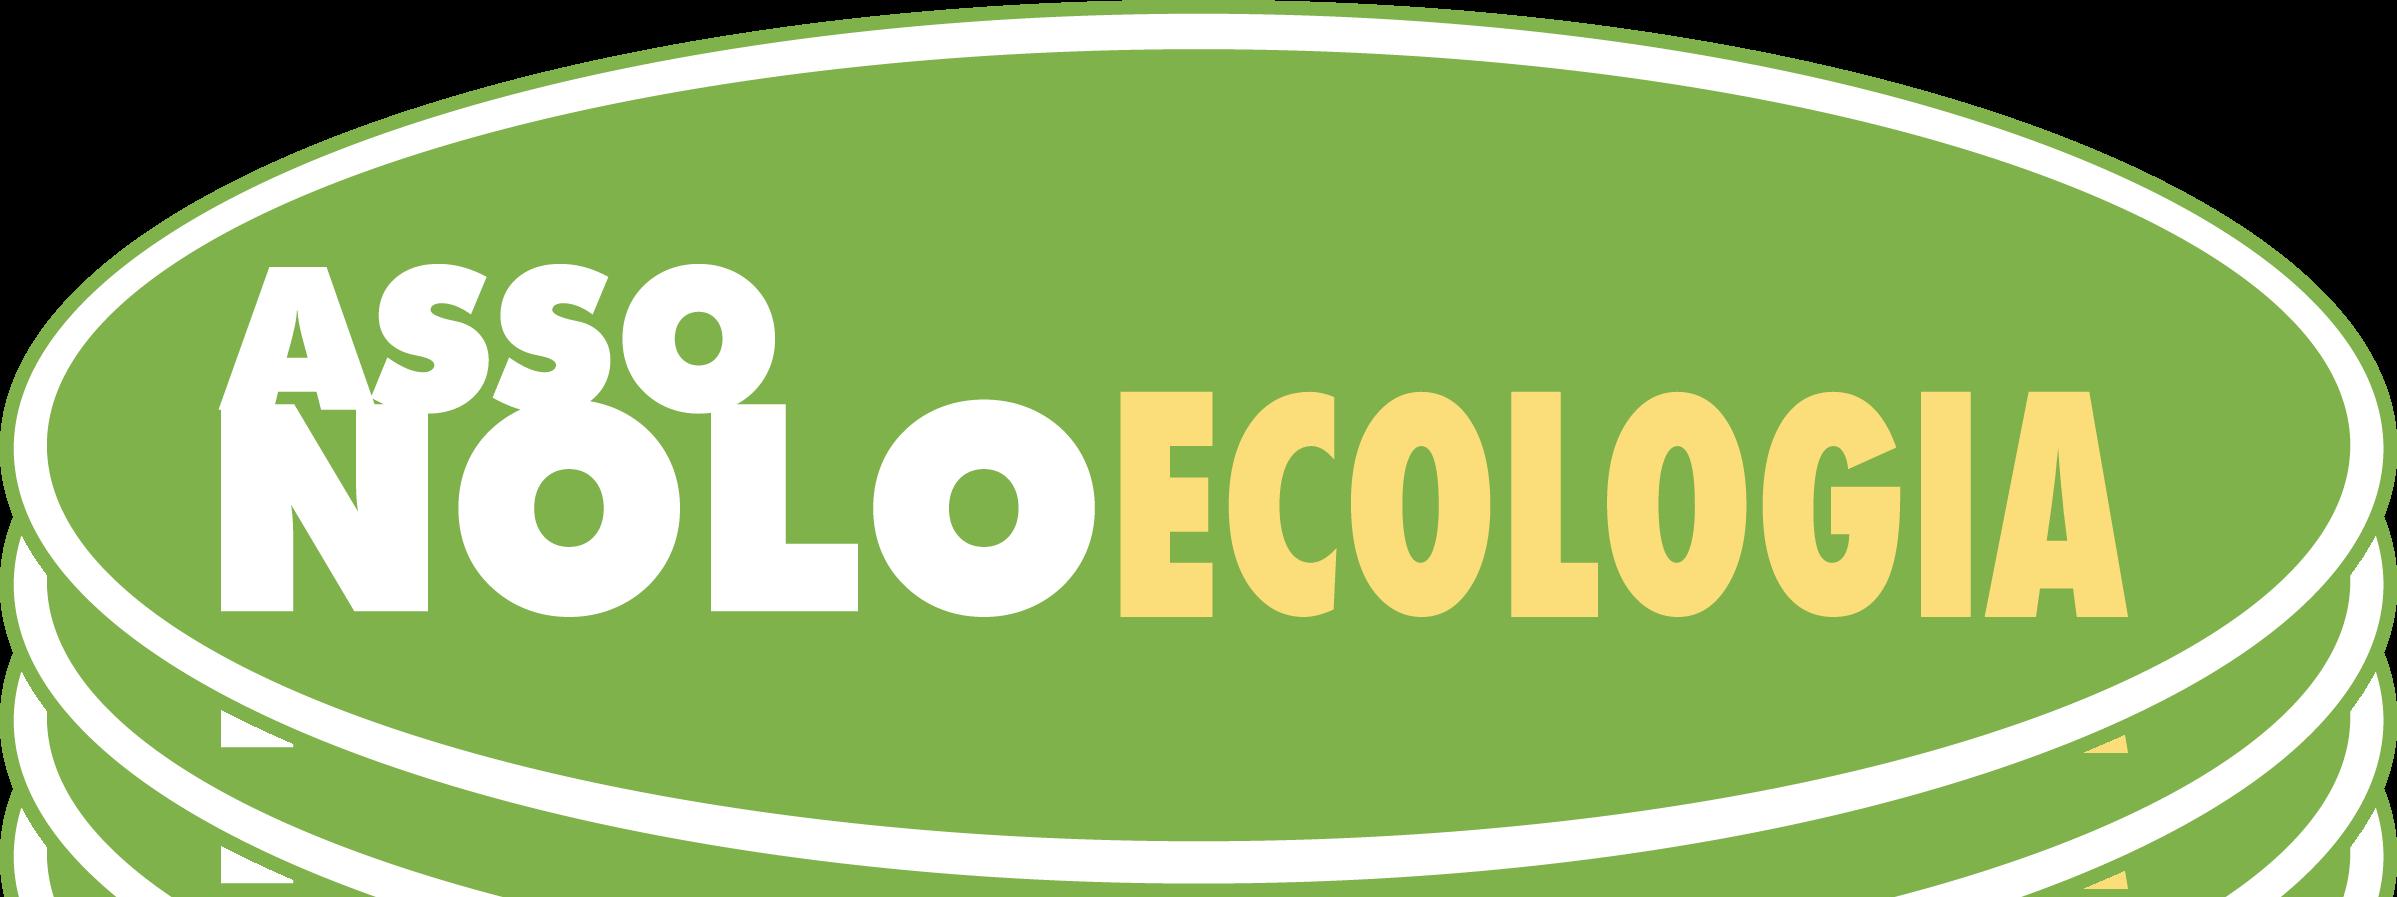 Noleggio NoloEcologia